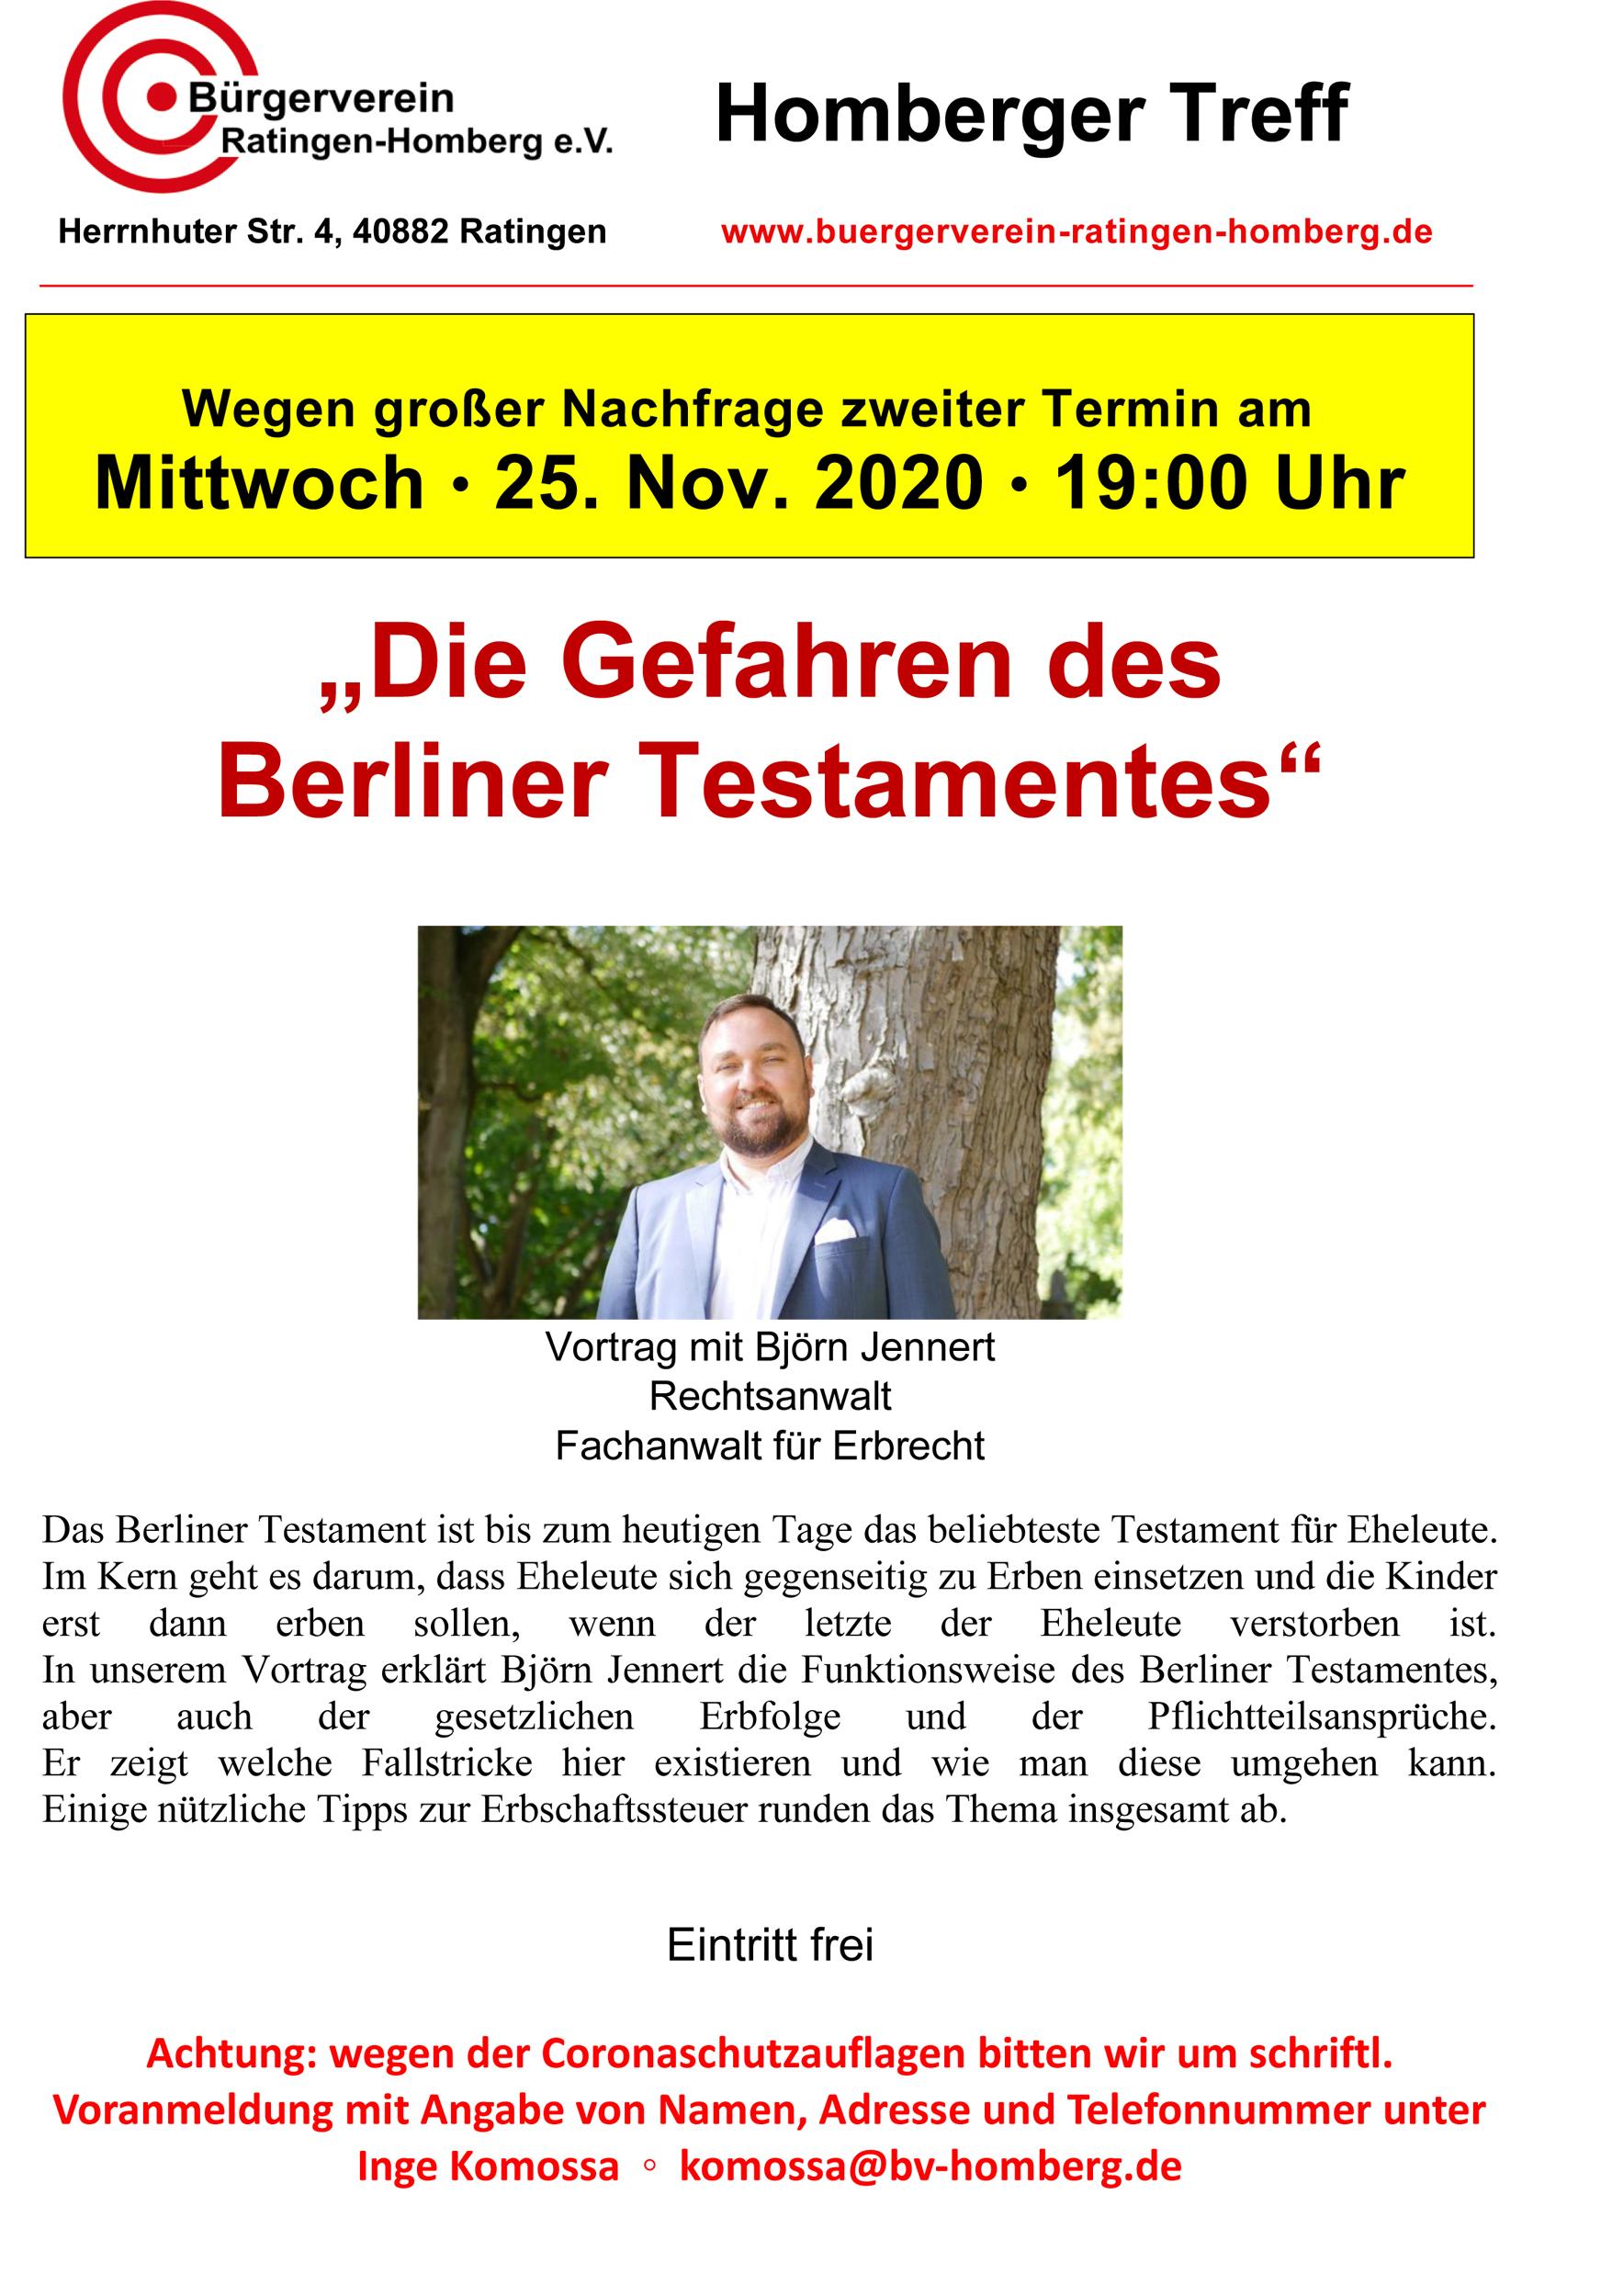 """Vortrag """"Die Gefahren des Berliner Testamentes"""" zusätzlicher Termin / AUSGEBUCHT / Wird auf 2021 verschoben! Genauer Termin folgt!"""